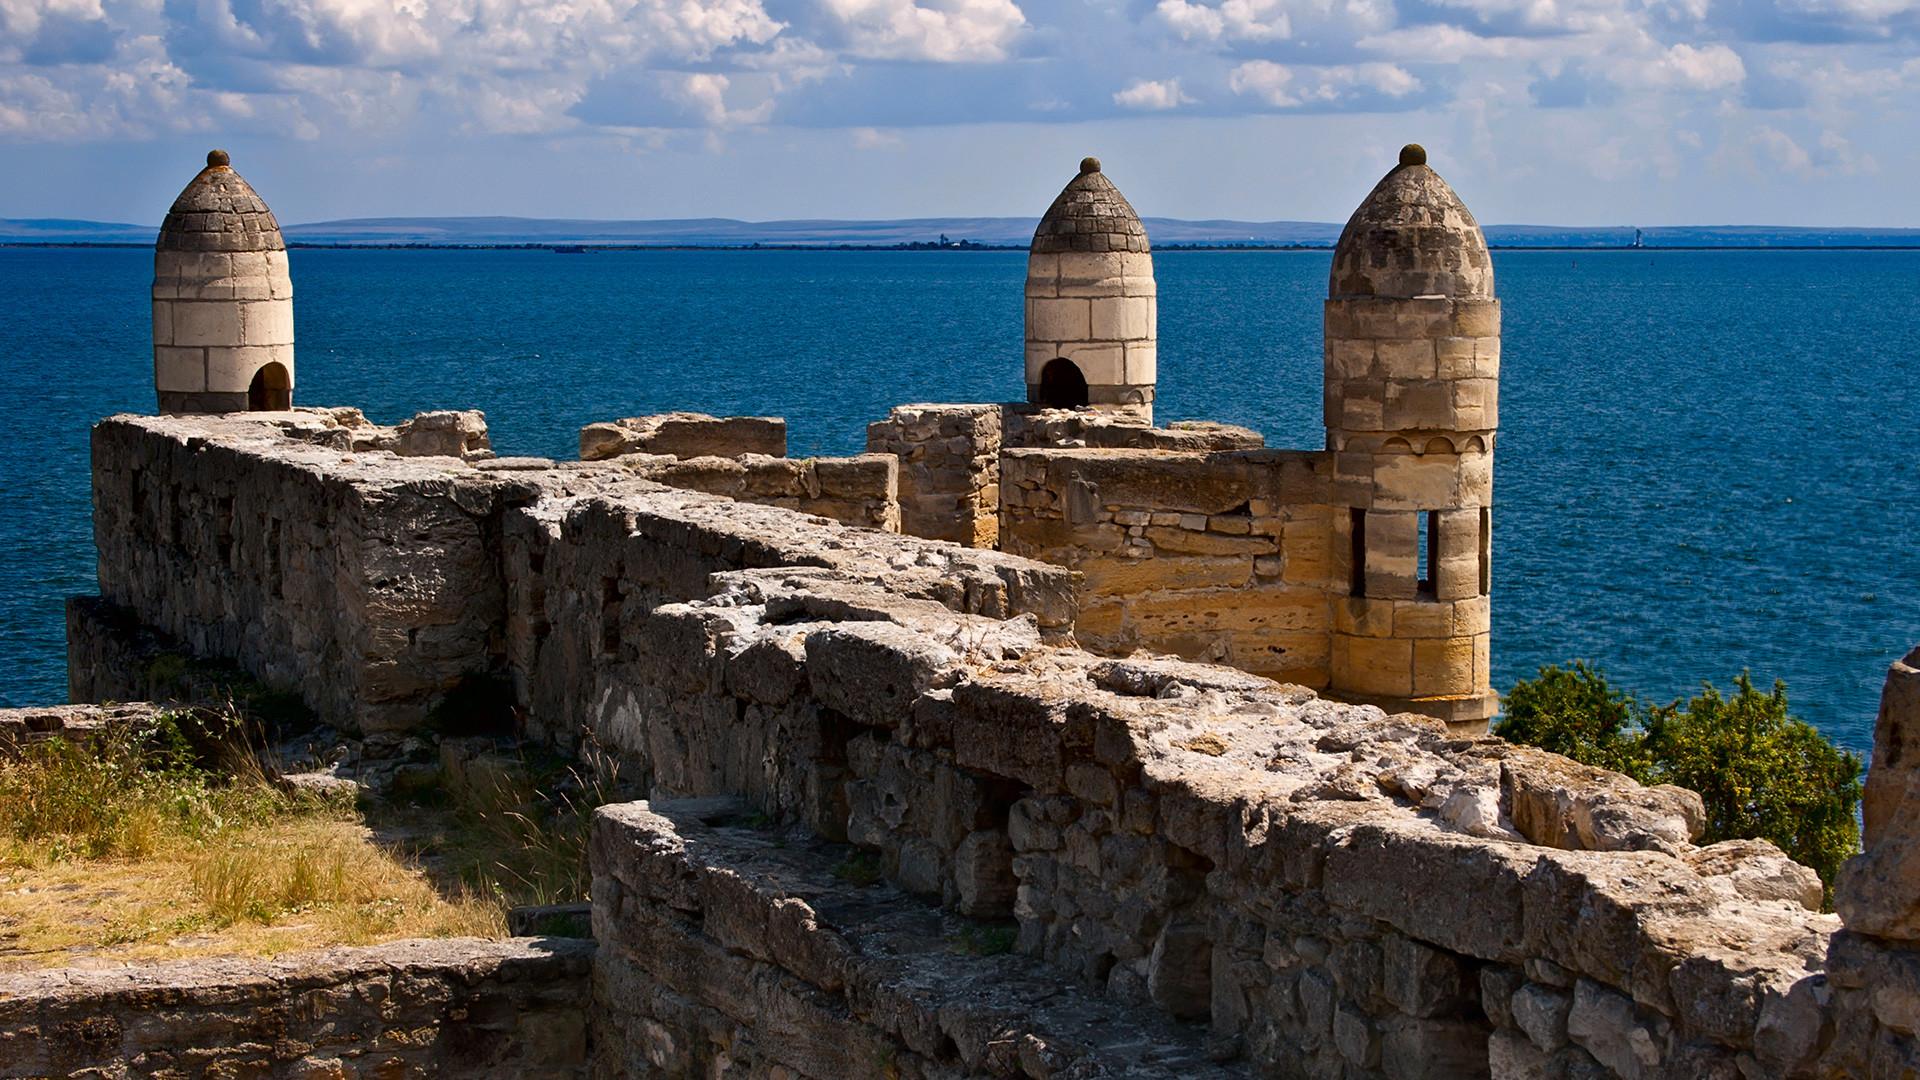 Yeni-Kale fortress in Kerch